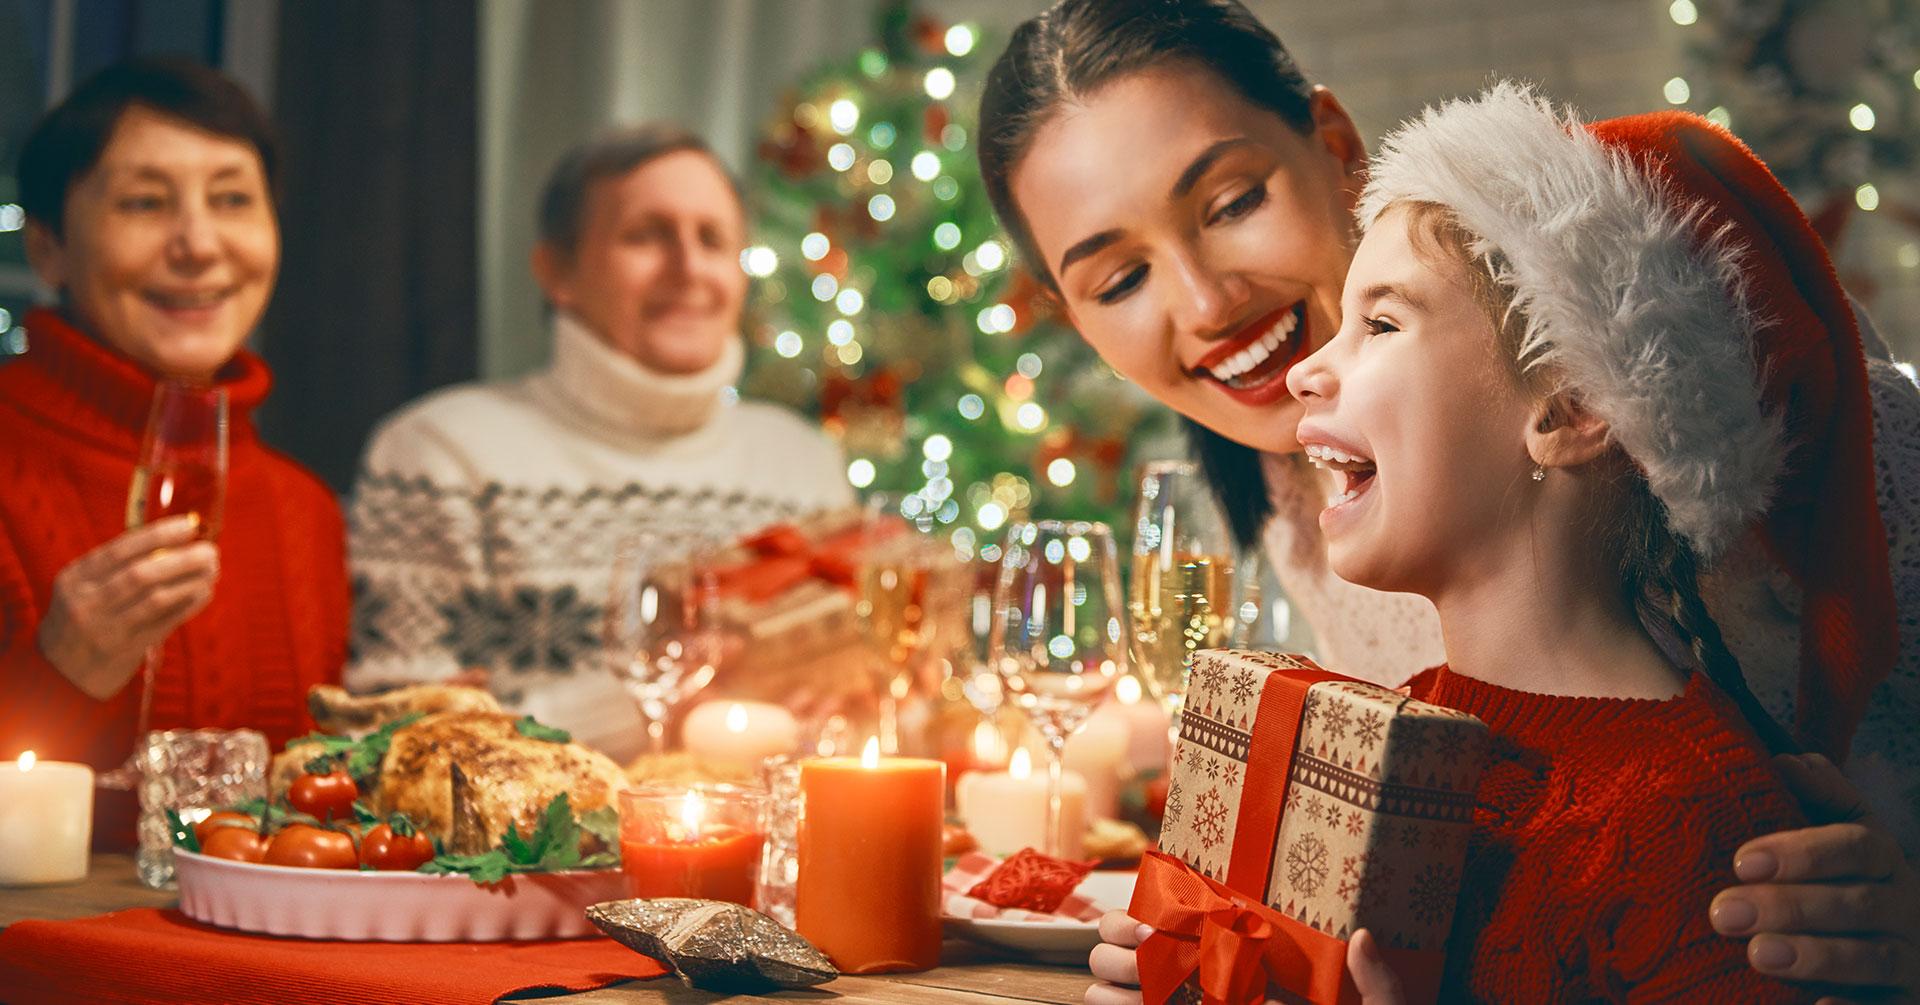 Recetas navideñas con avena para celebrar en familia